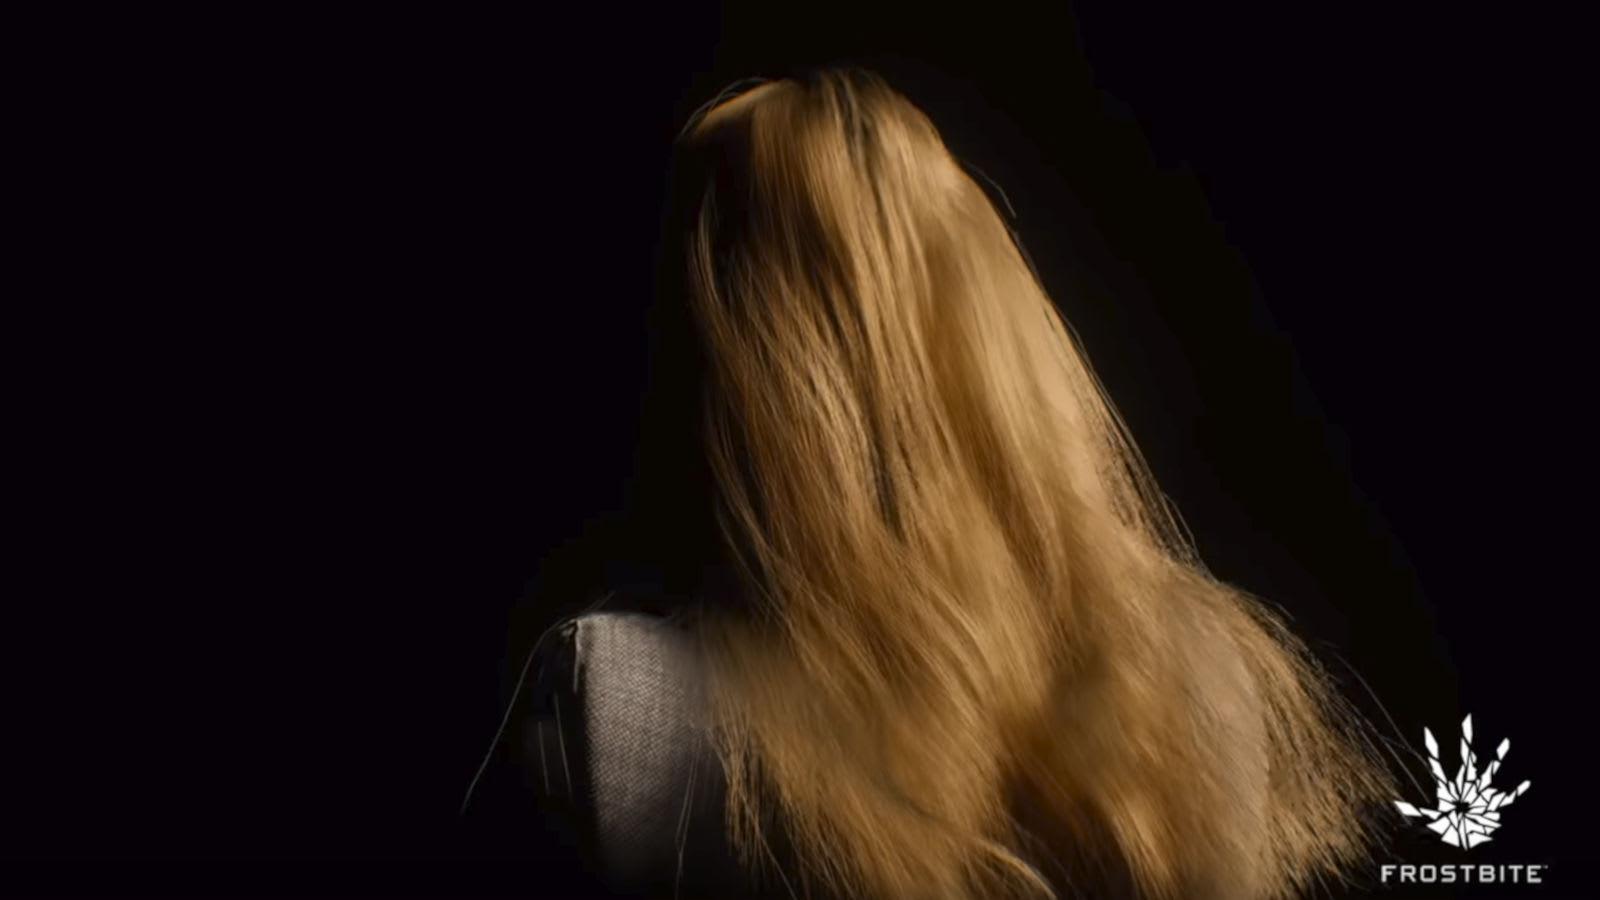 Frostbite nex-gen hair